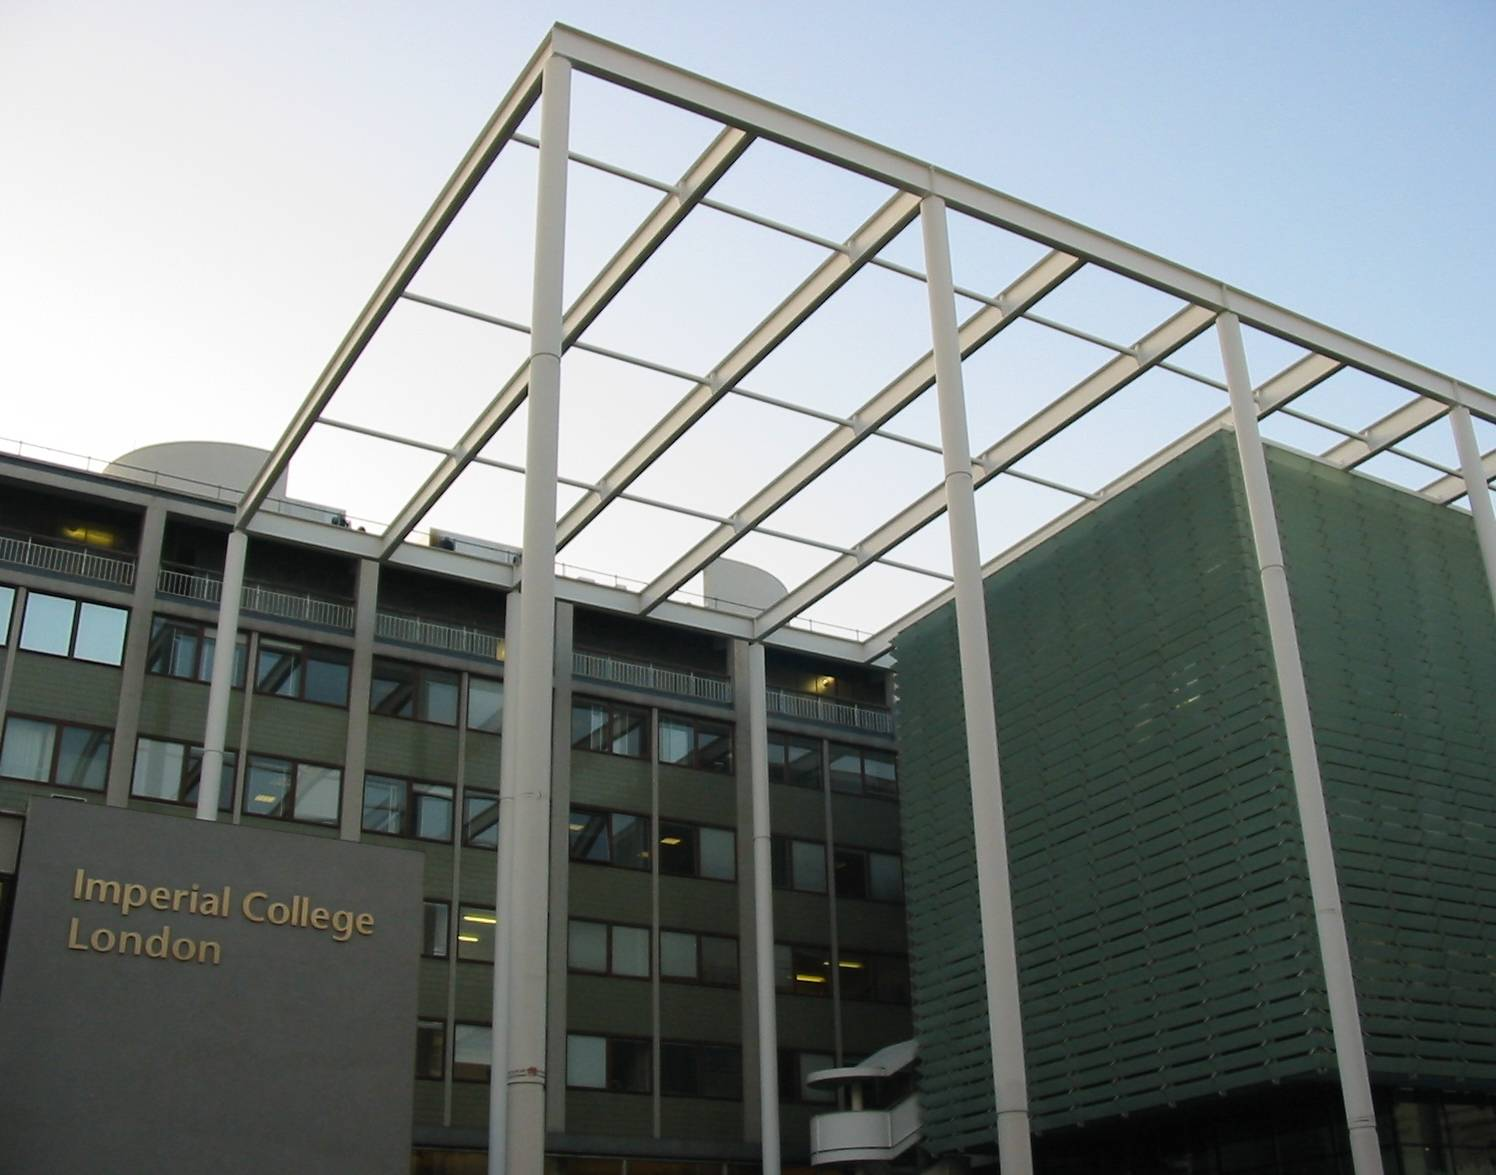 Университетский колледж лондона (university college london) - поступление, стоимость обучения, факультеты - studylab